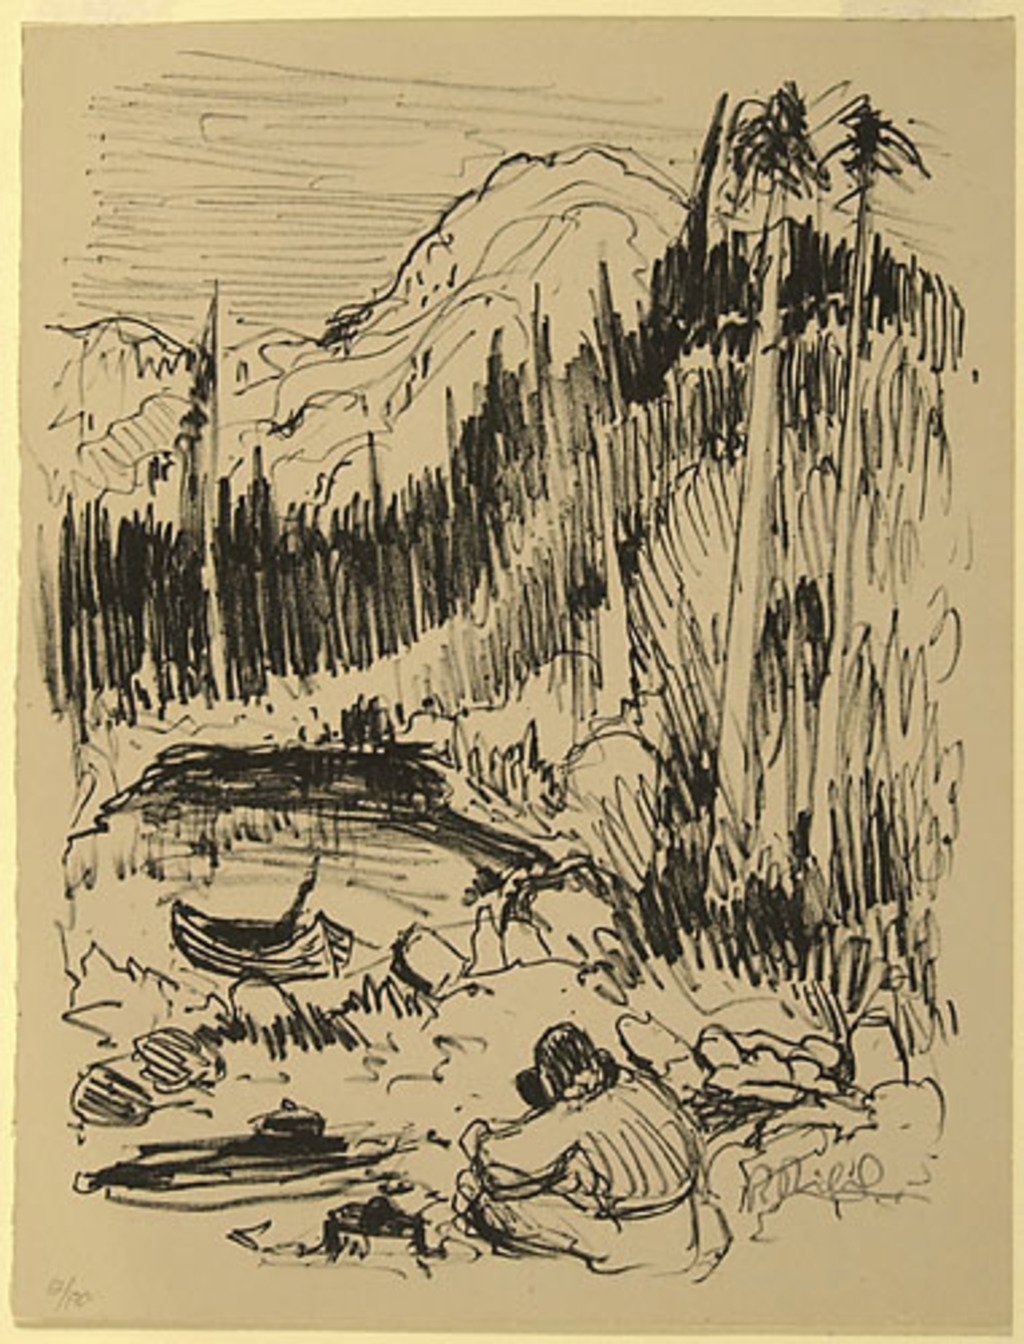 Le Repas du trappeur, du livre d'artiste «La Montagne secrète»